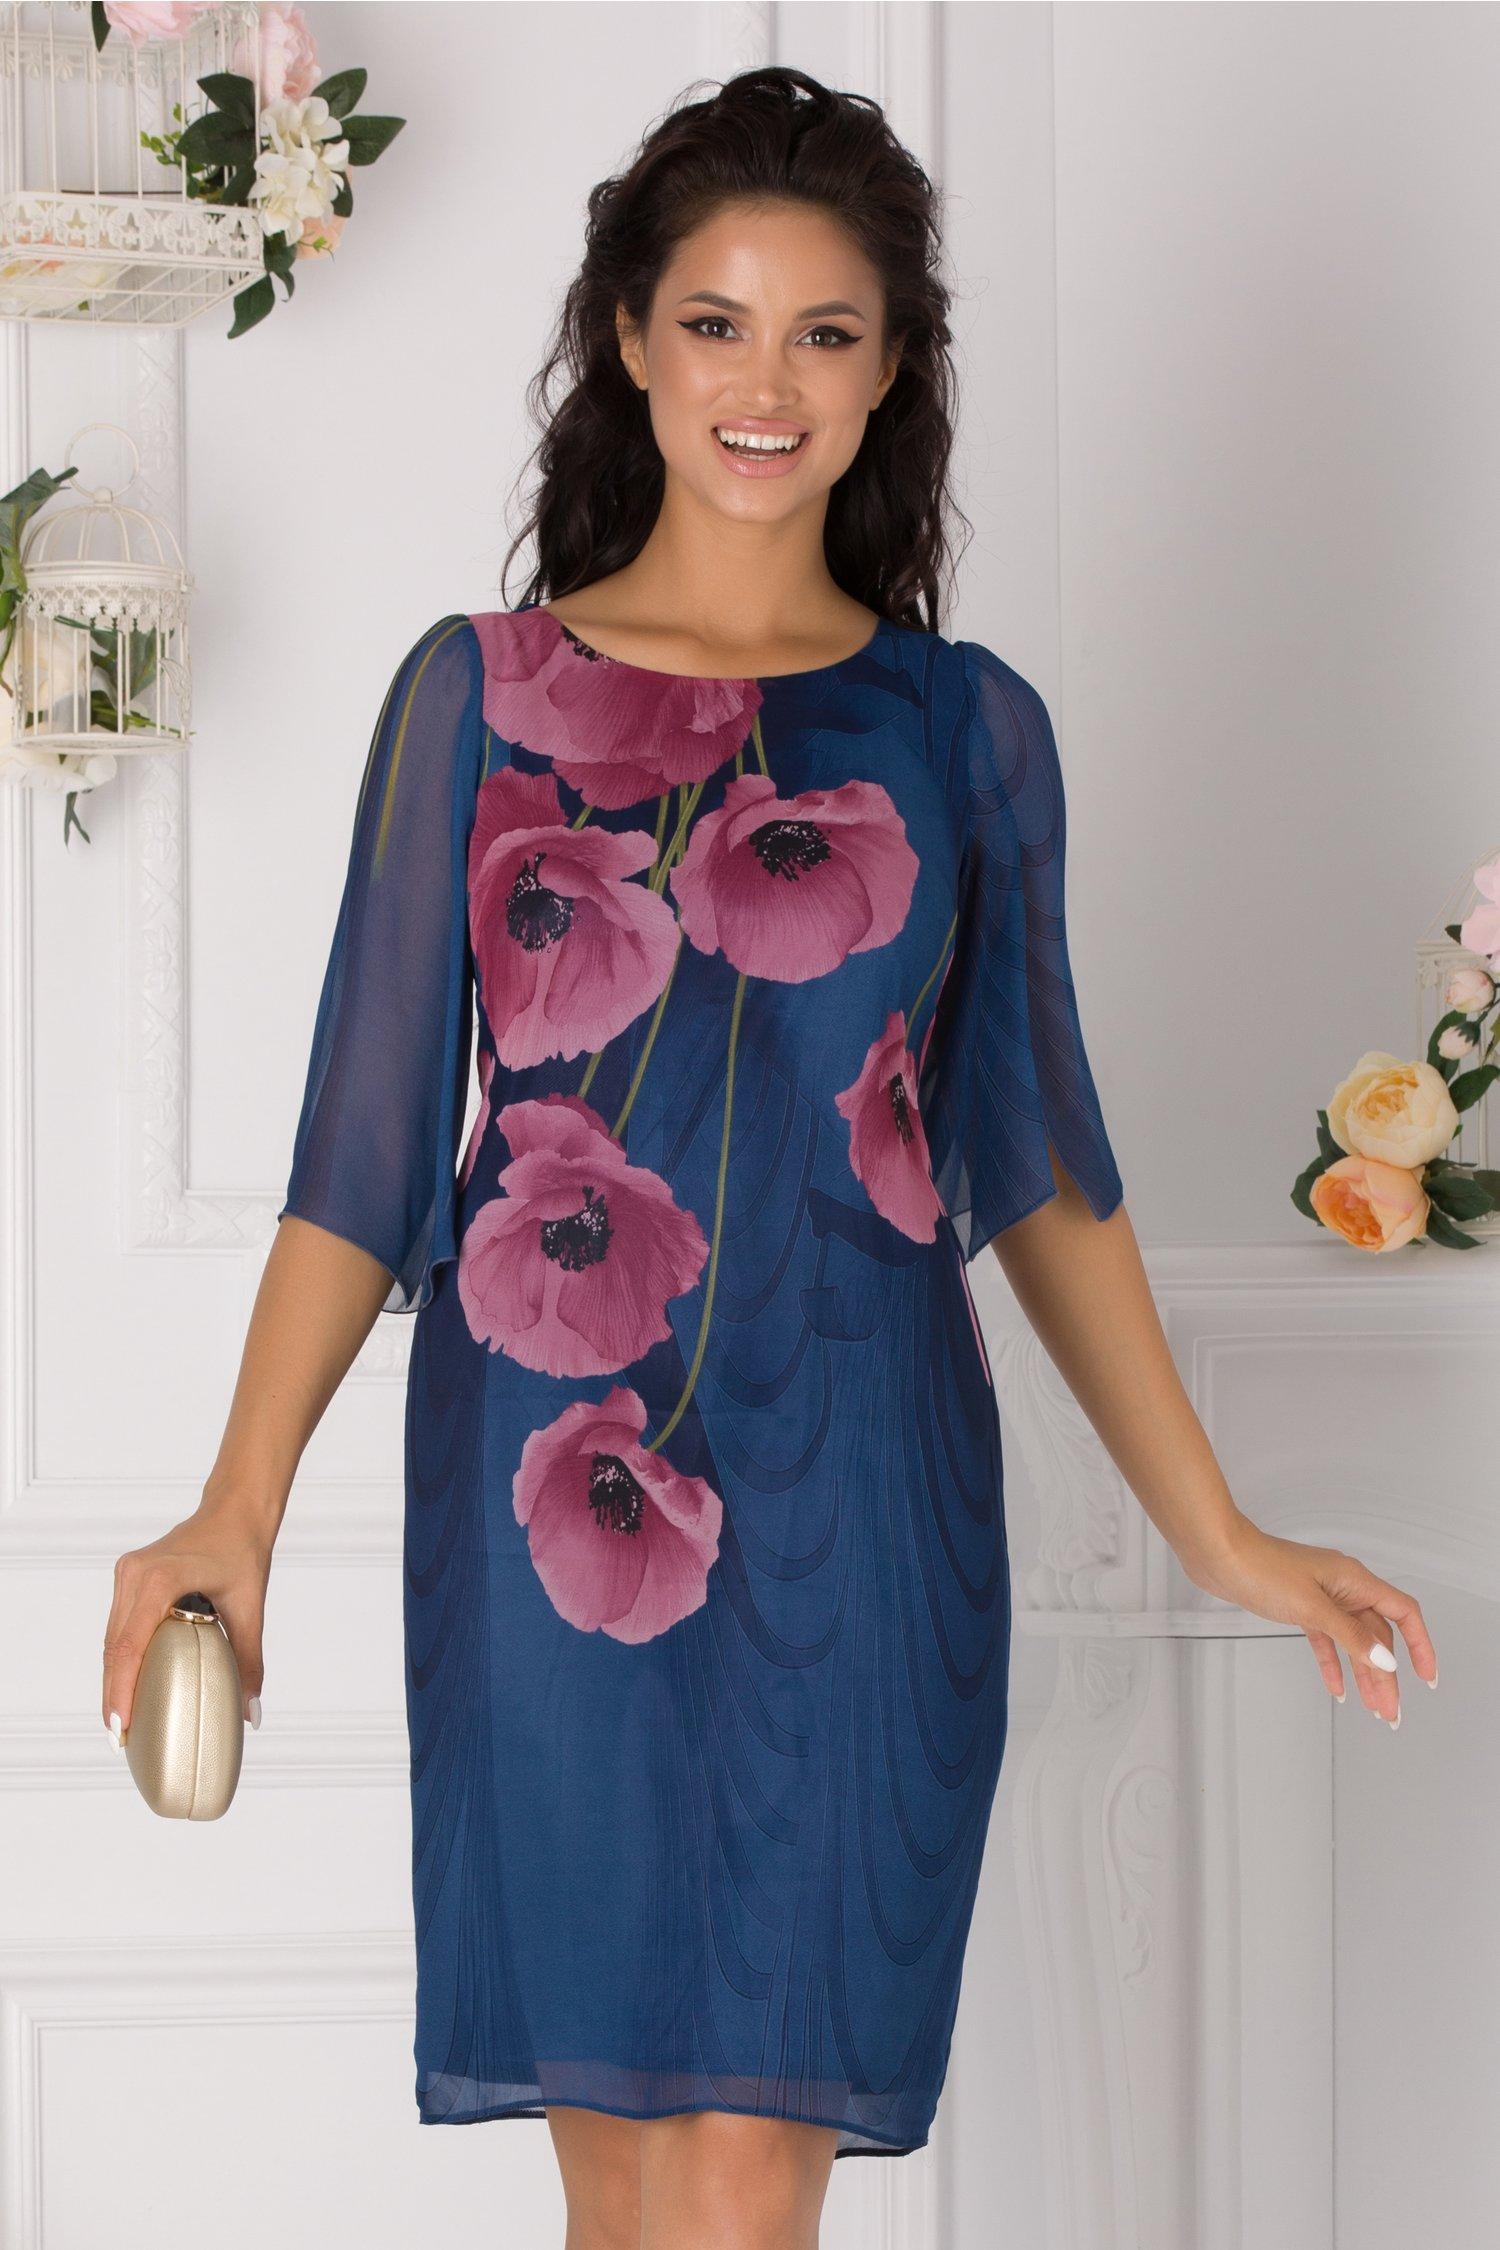 Rochie Ginette albastra cu imprimeu floral roz